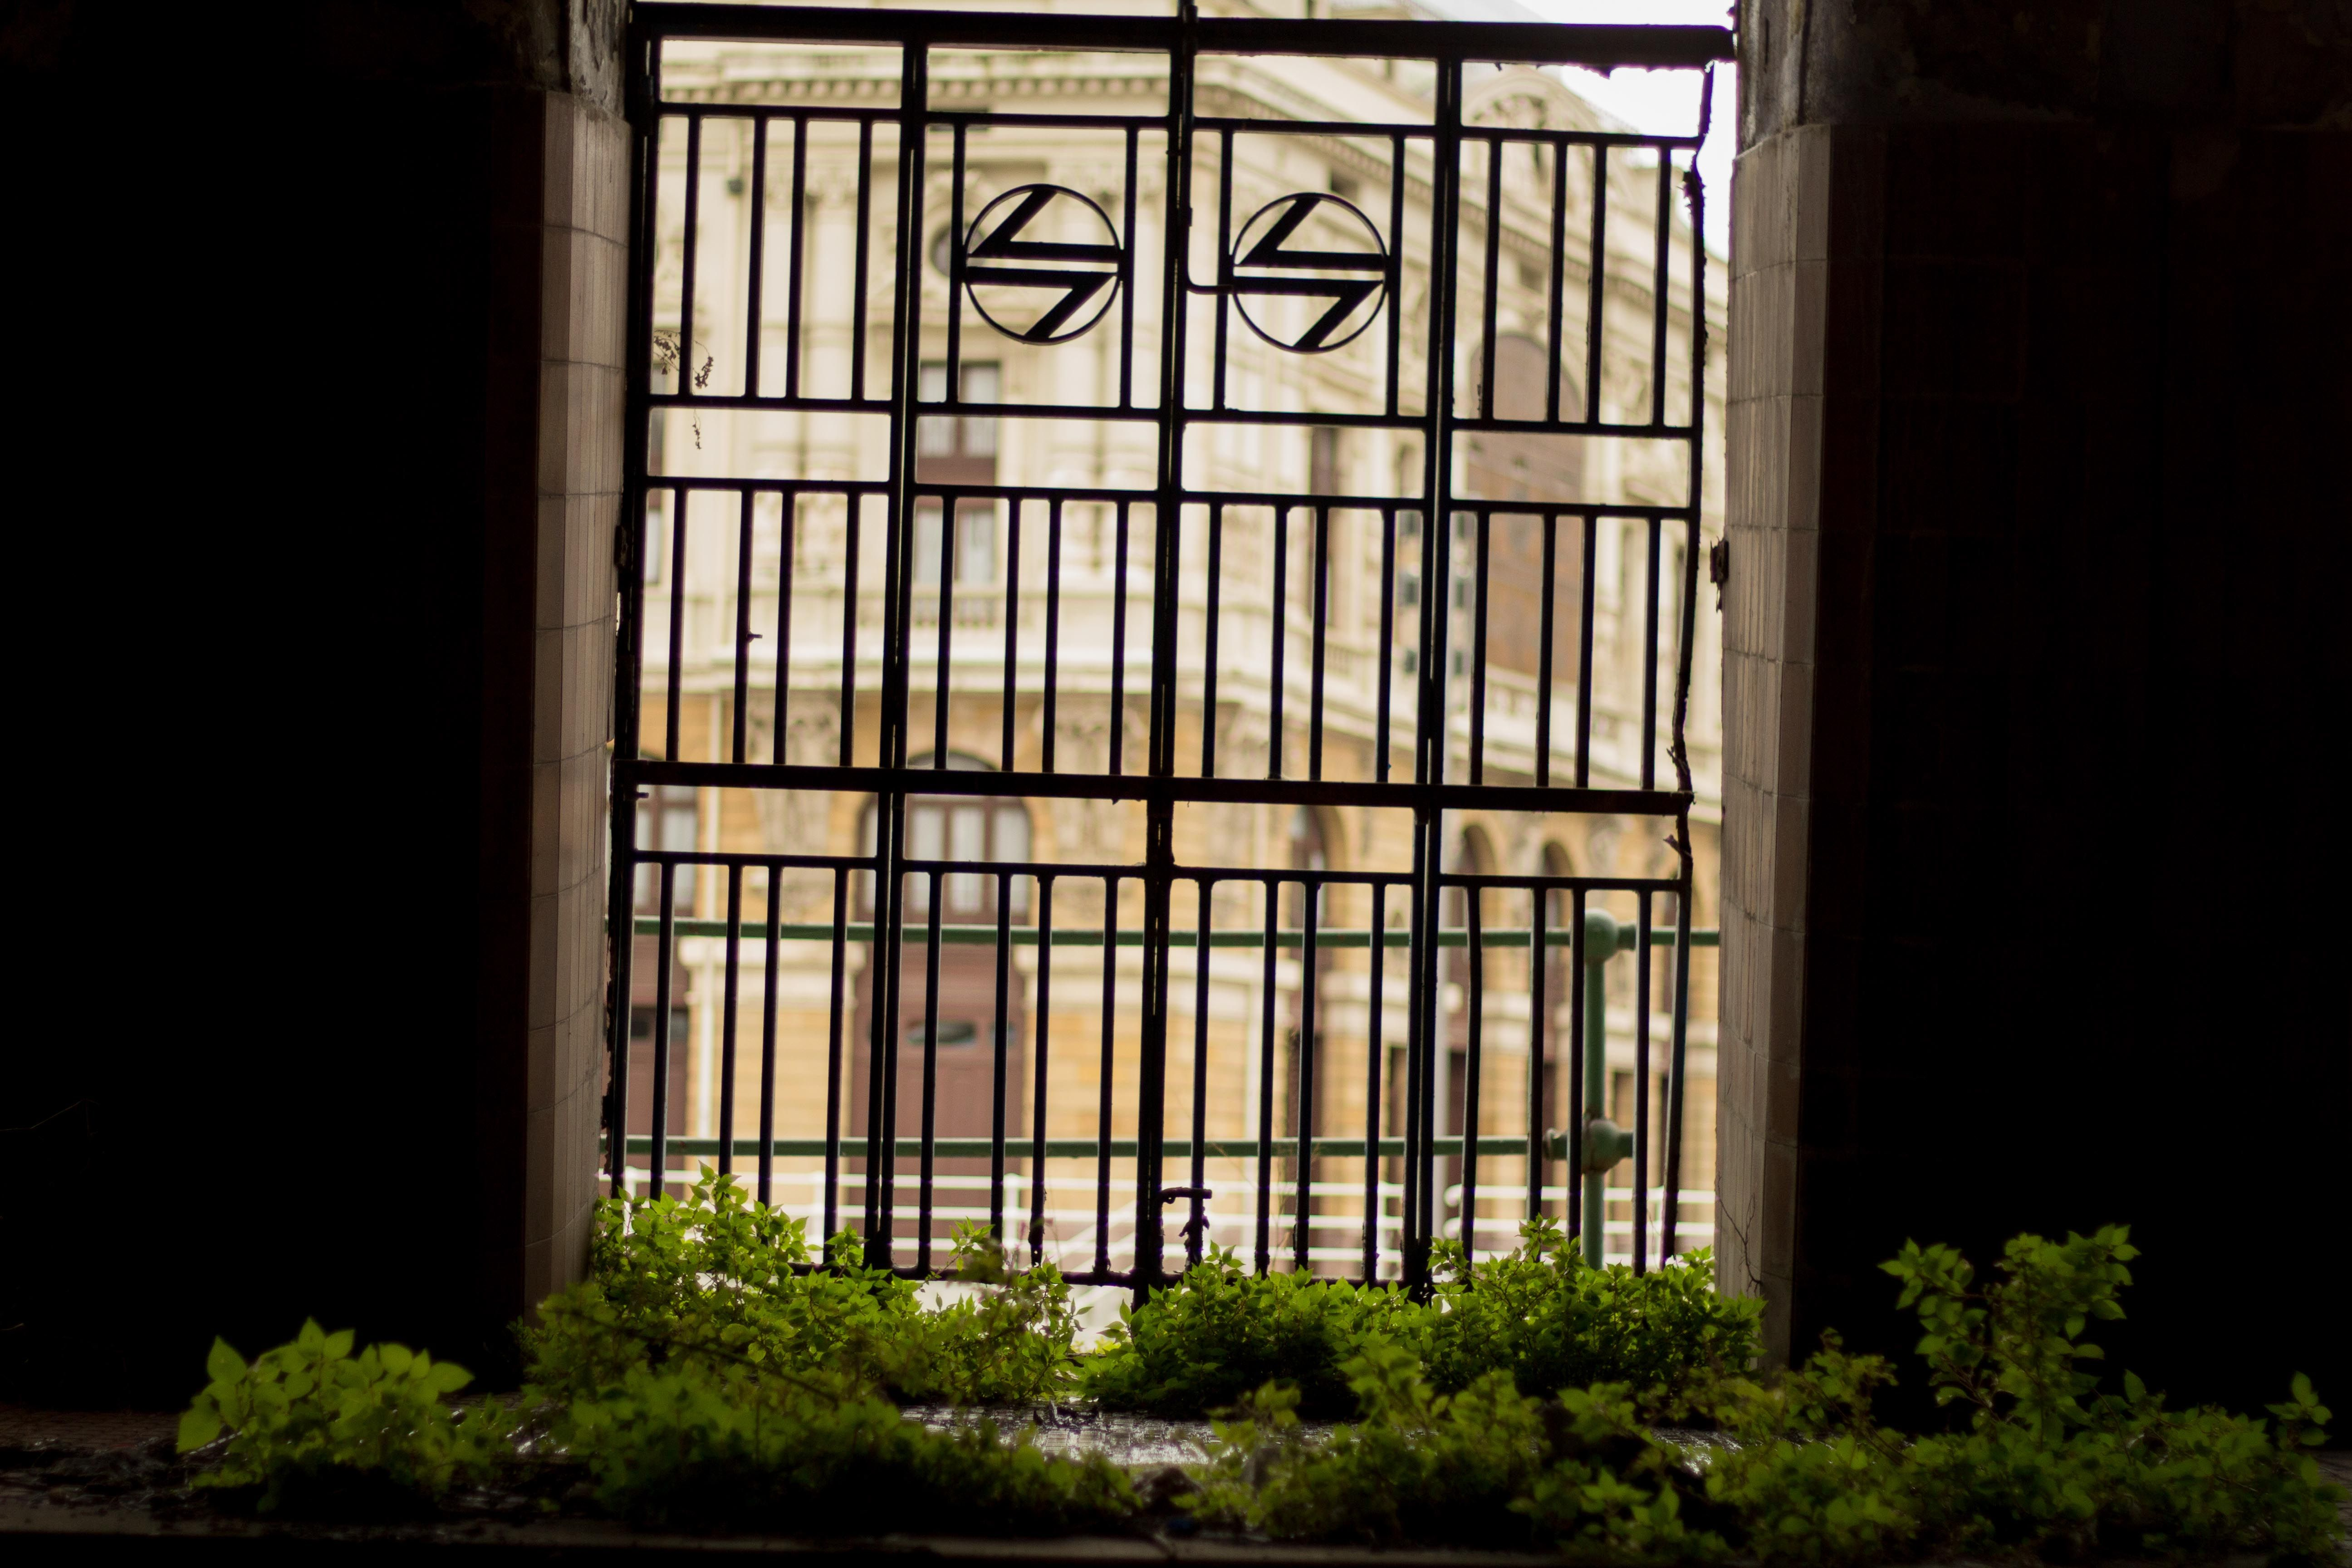 #TeatroArriaga al fondo #Estación de #LaNaja #bilbao #Abandonado